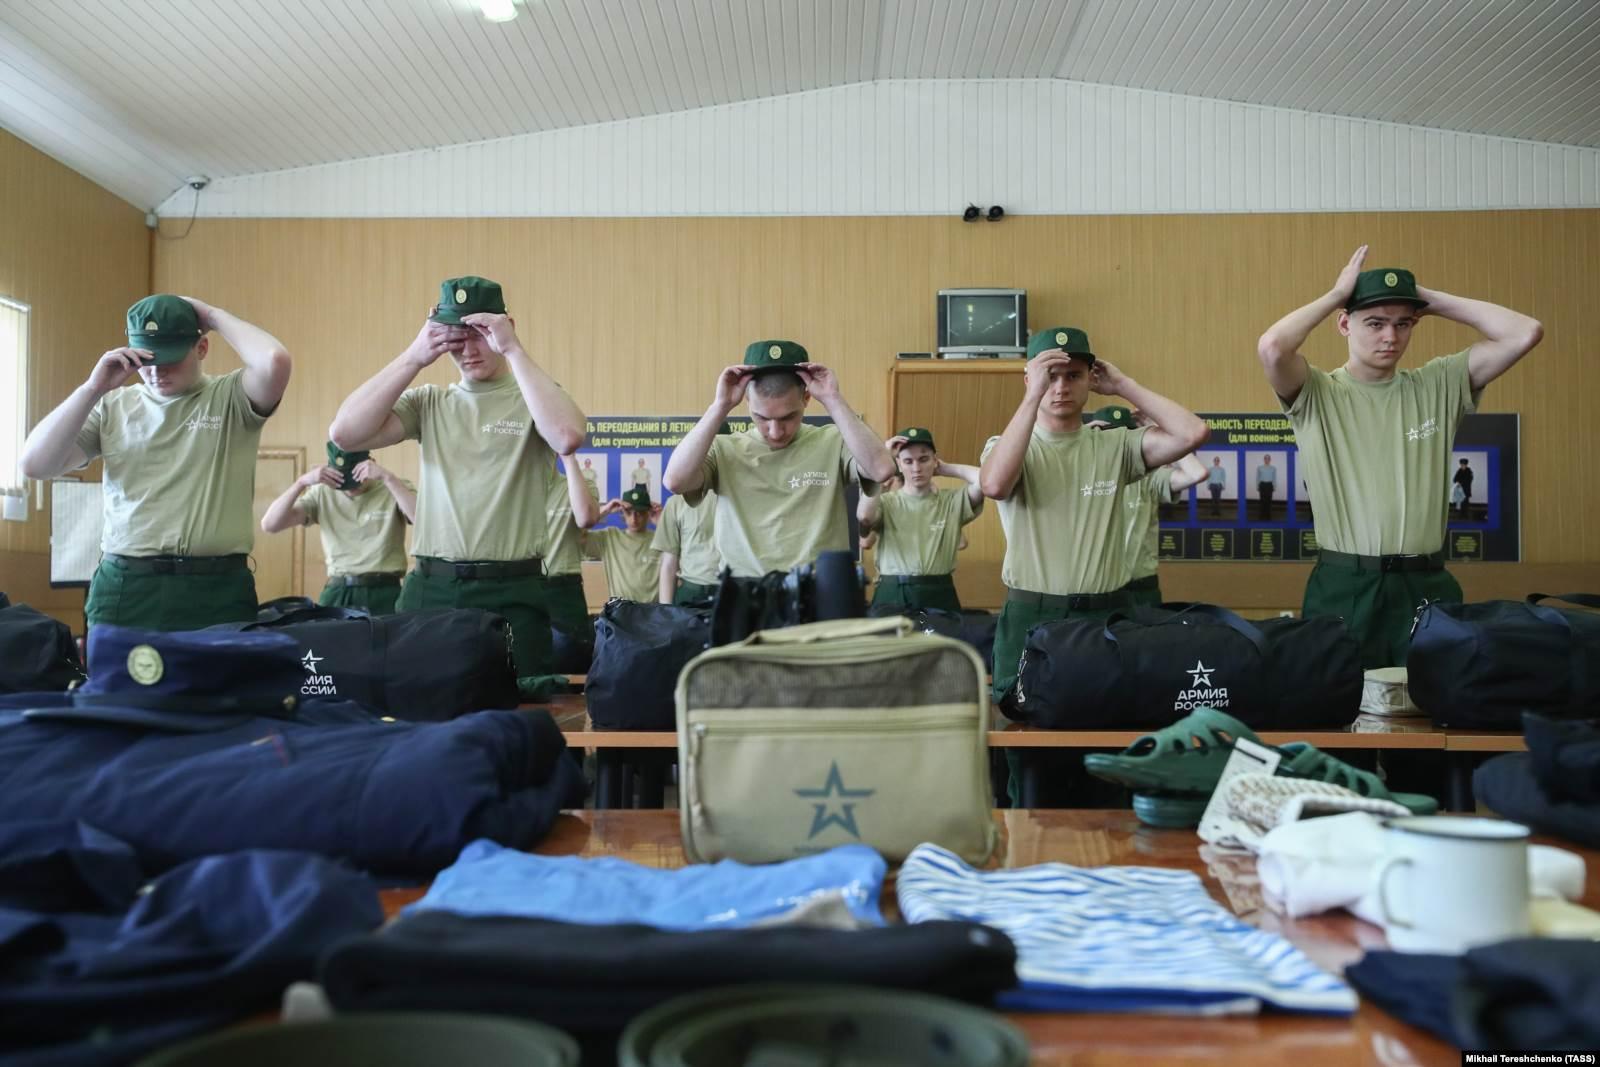 Призывники в военкомате во время инструктажа по внутренним распорядкам армии. 5 июля 2019 года. Фото: ТАСС